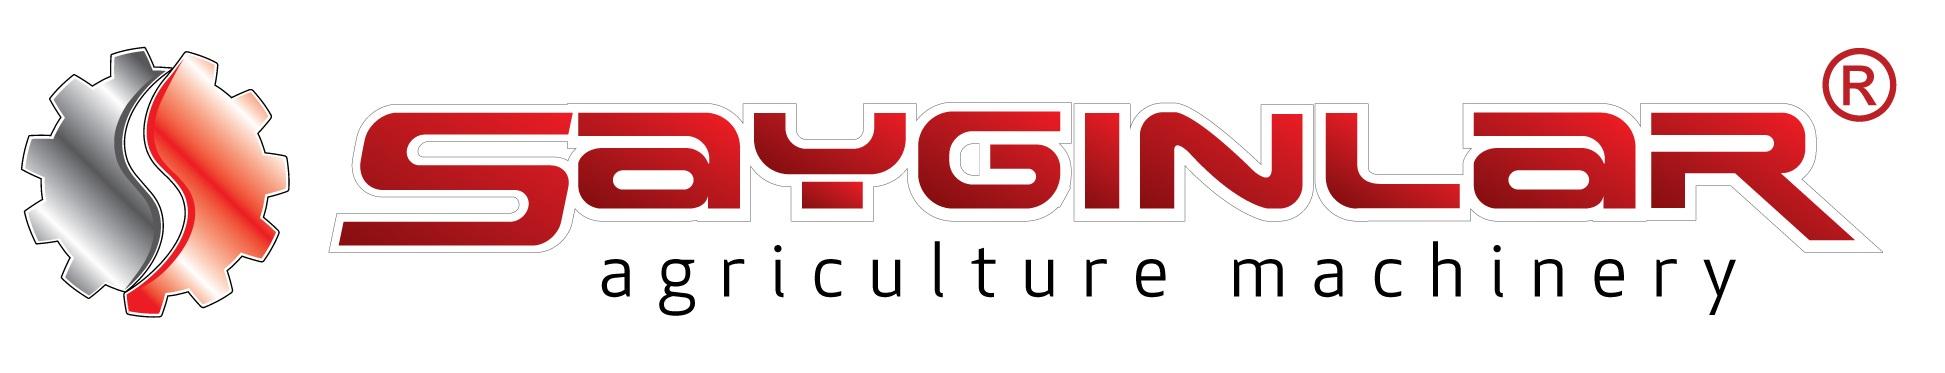 Saygınlar Tarım Makinaları Otomobil İnşaat Malzemeleri Gıda Sanayi ve Ticaret Ltd.Şti., Saygınlar Makina (Sayginlar Agriculture Machinery)